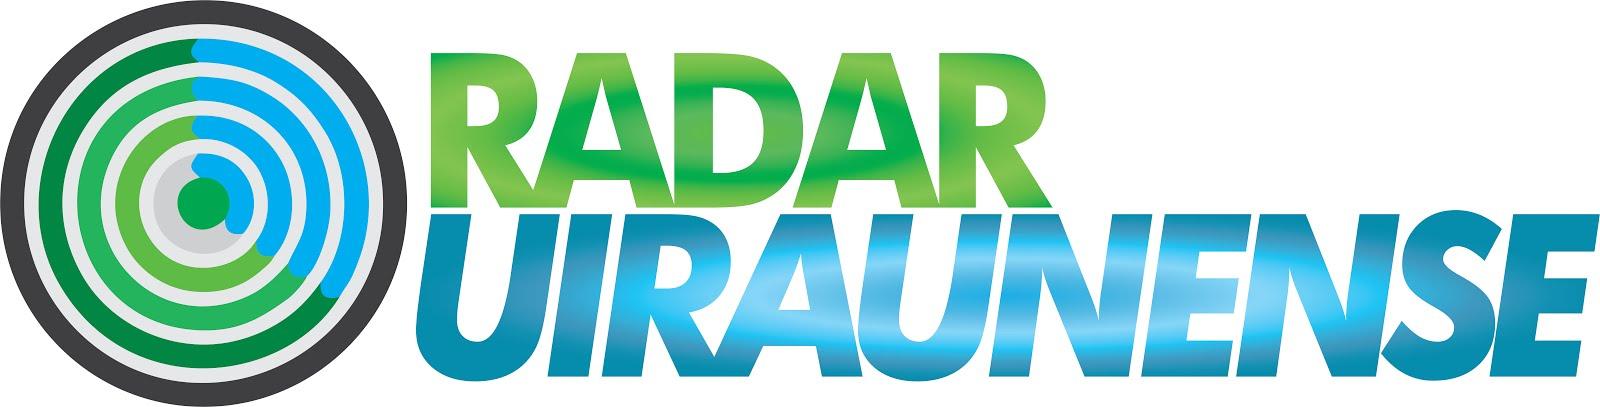 Radar Uiraunense - O Radar Está Ligado! - Uiraúna/PB